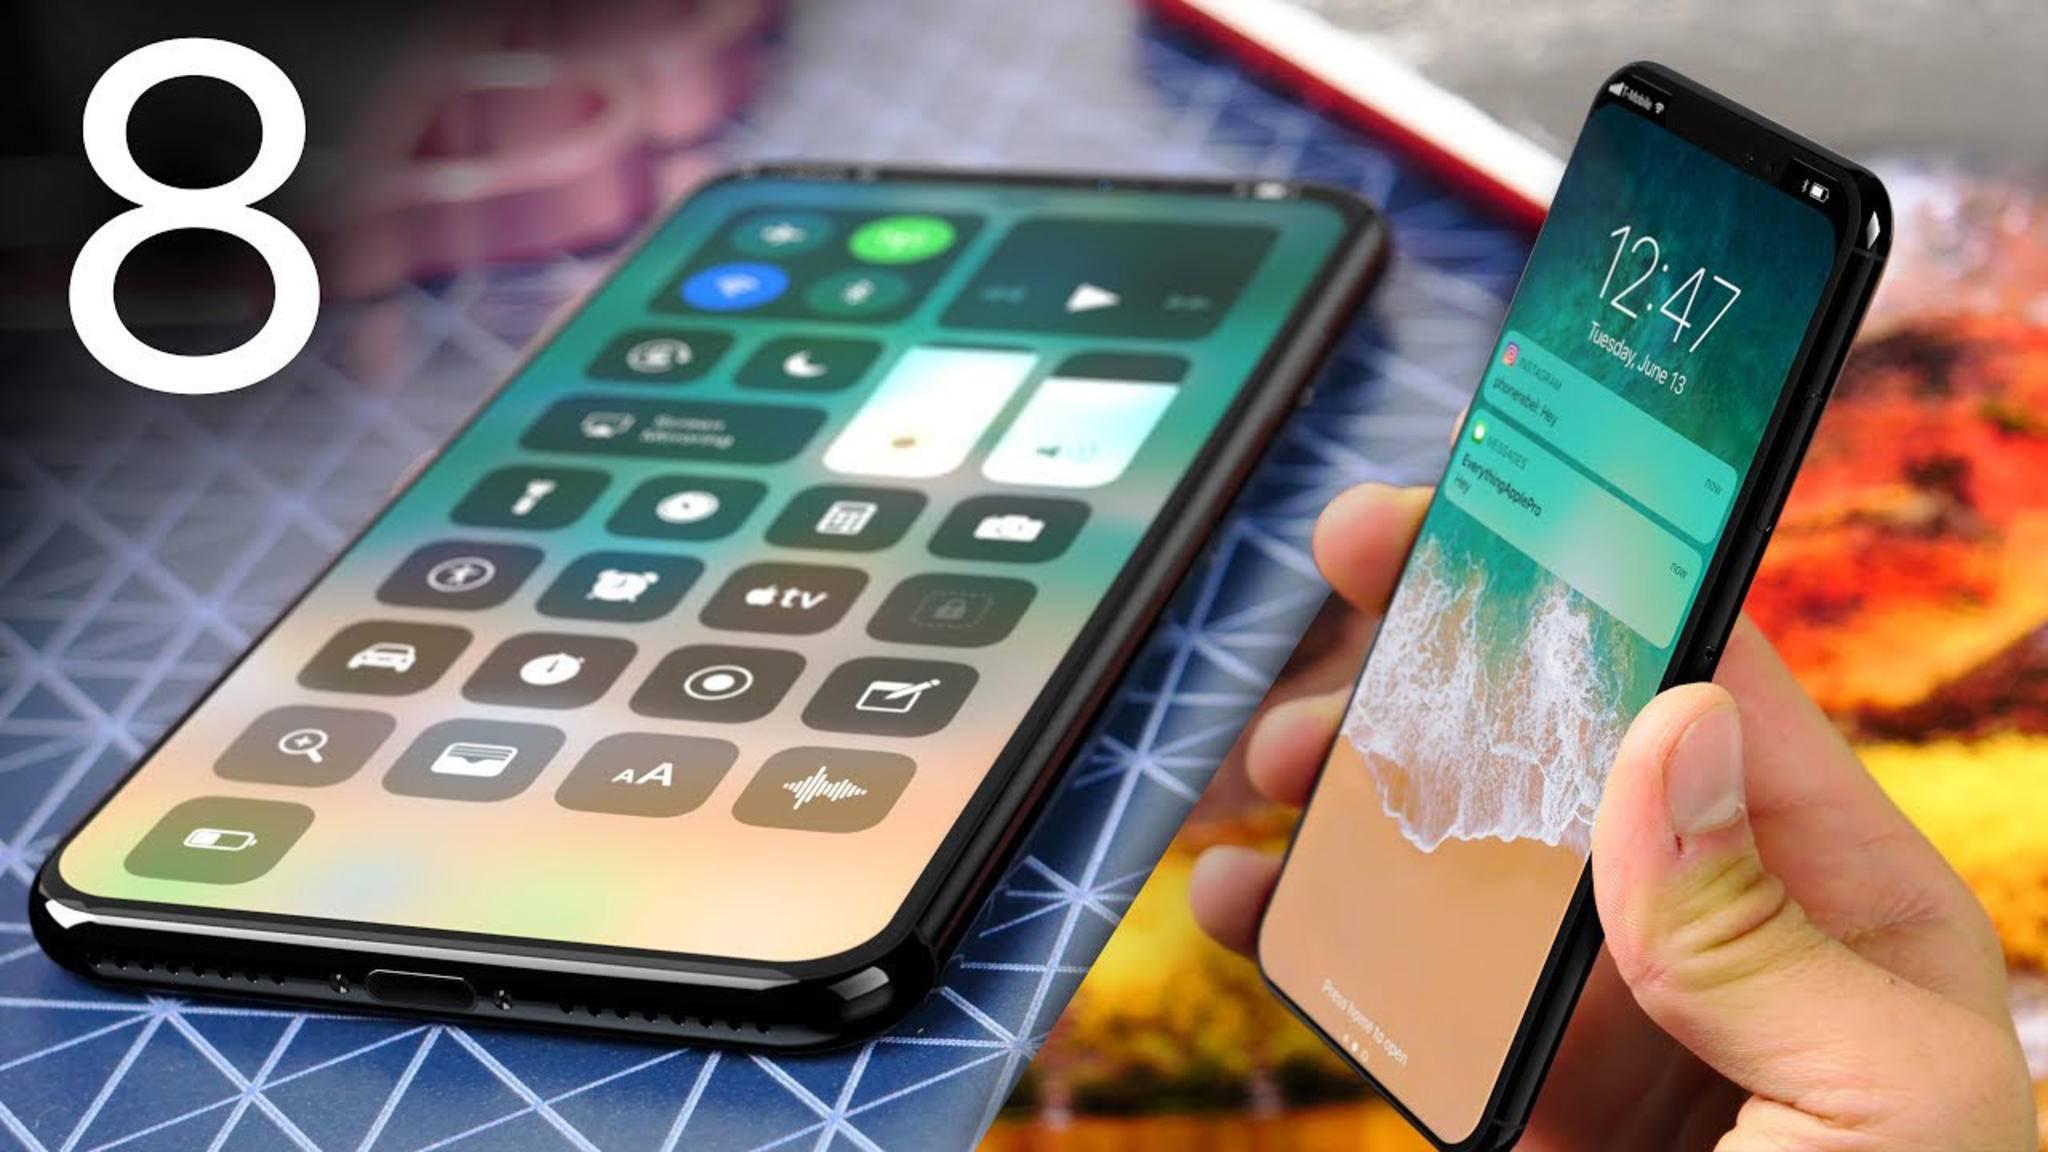 Das iPhone 8 könnte eines der teuersten Smartphones aller Zeiten werden.